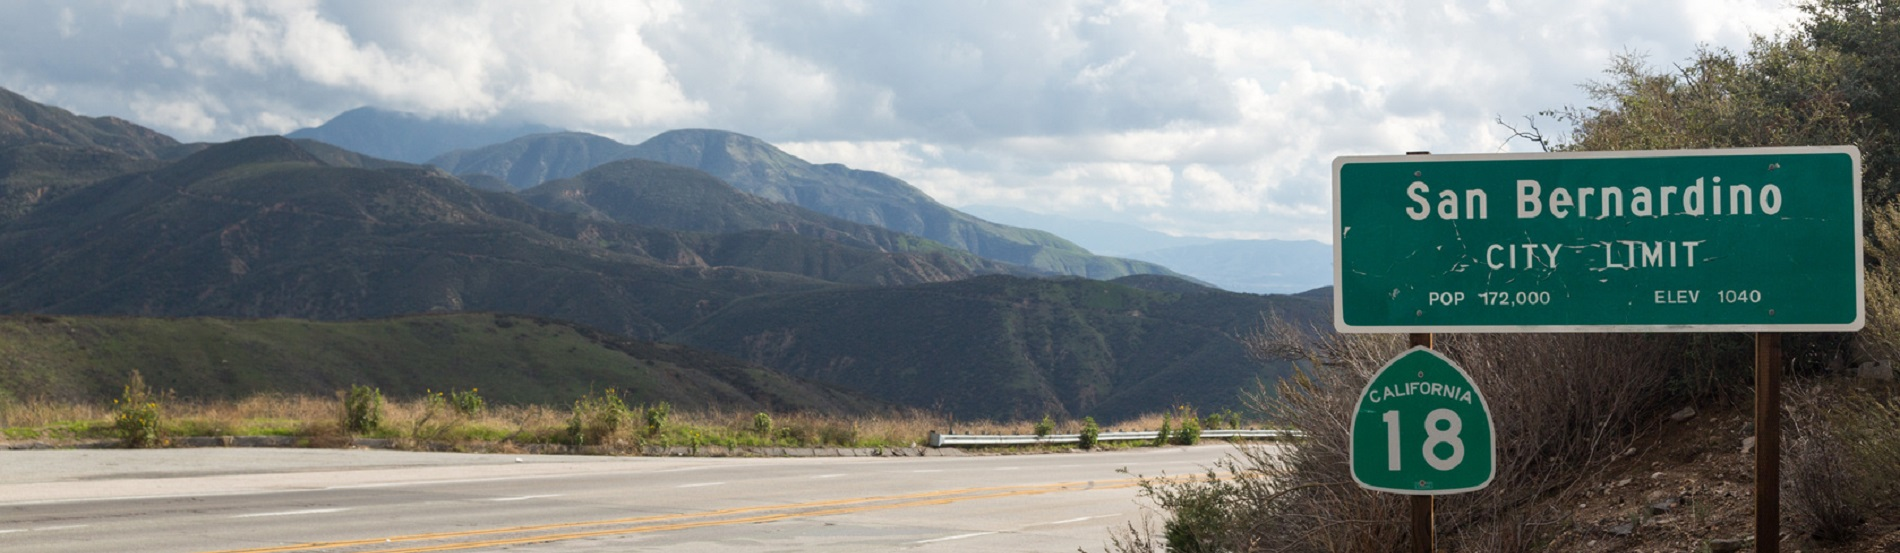 View of San Bernadino Rim of World Highway